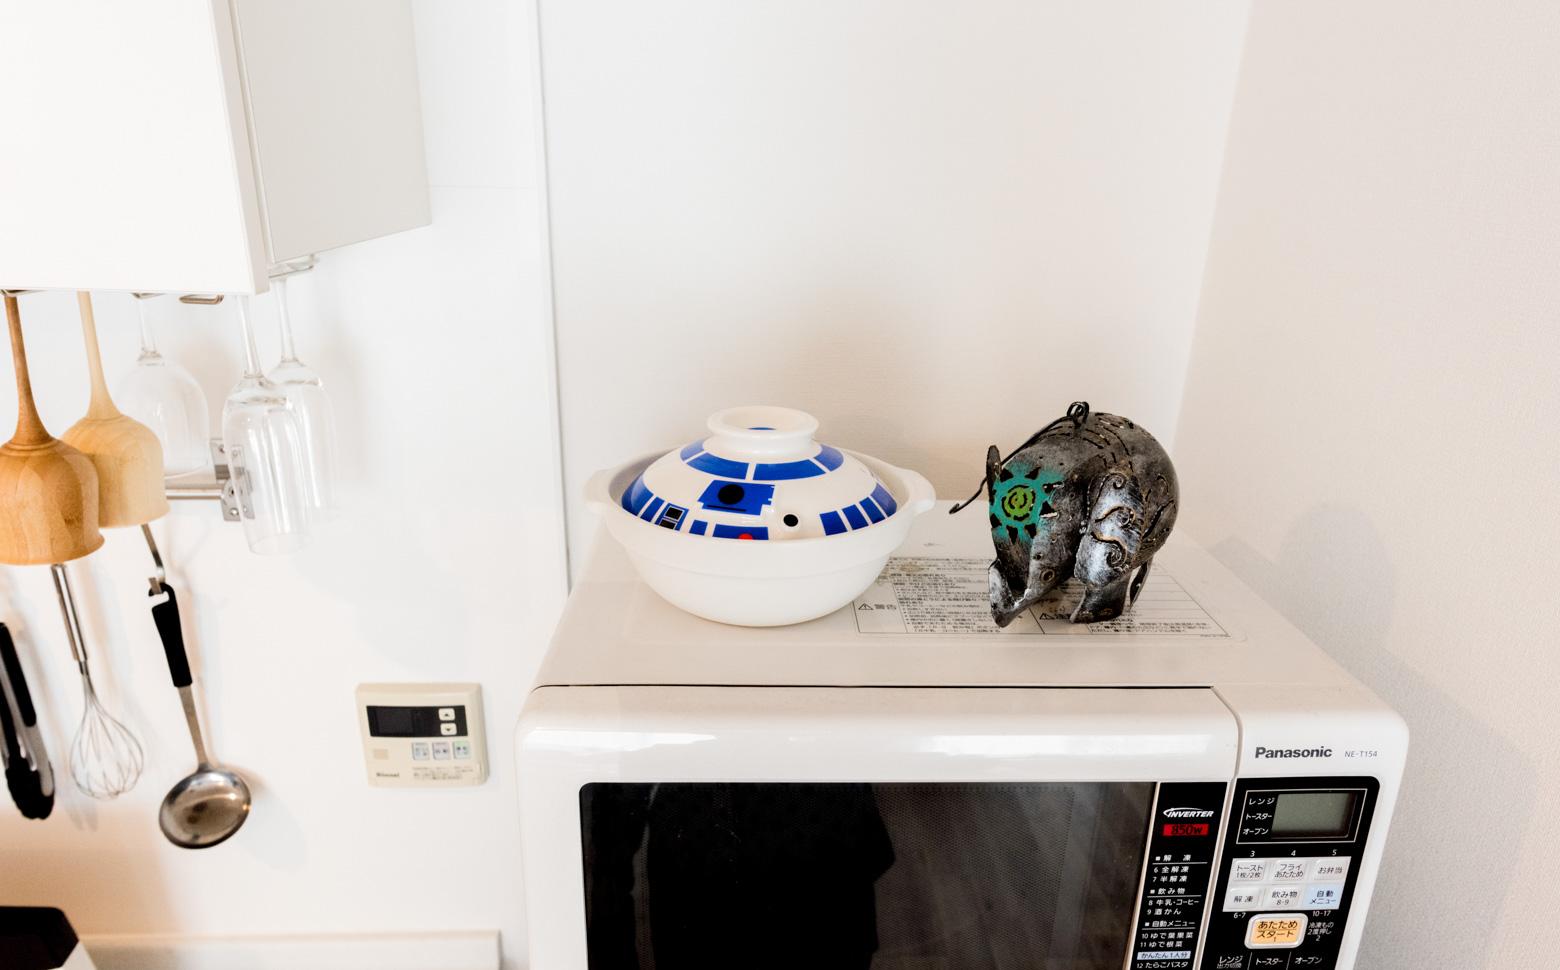 さきほどのキッチンもよく見ると、レンジの上にはR2-D2モチーフの土鍋が。こんなのあるんだ!